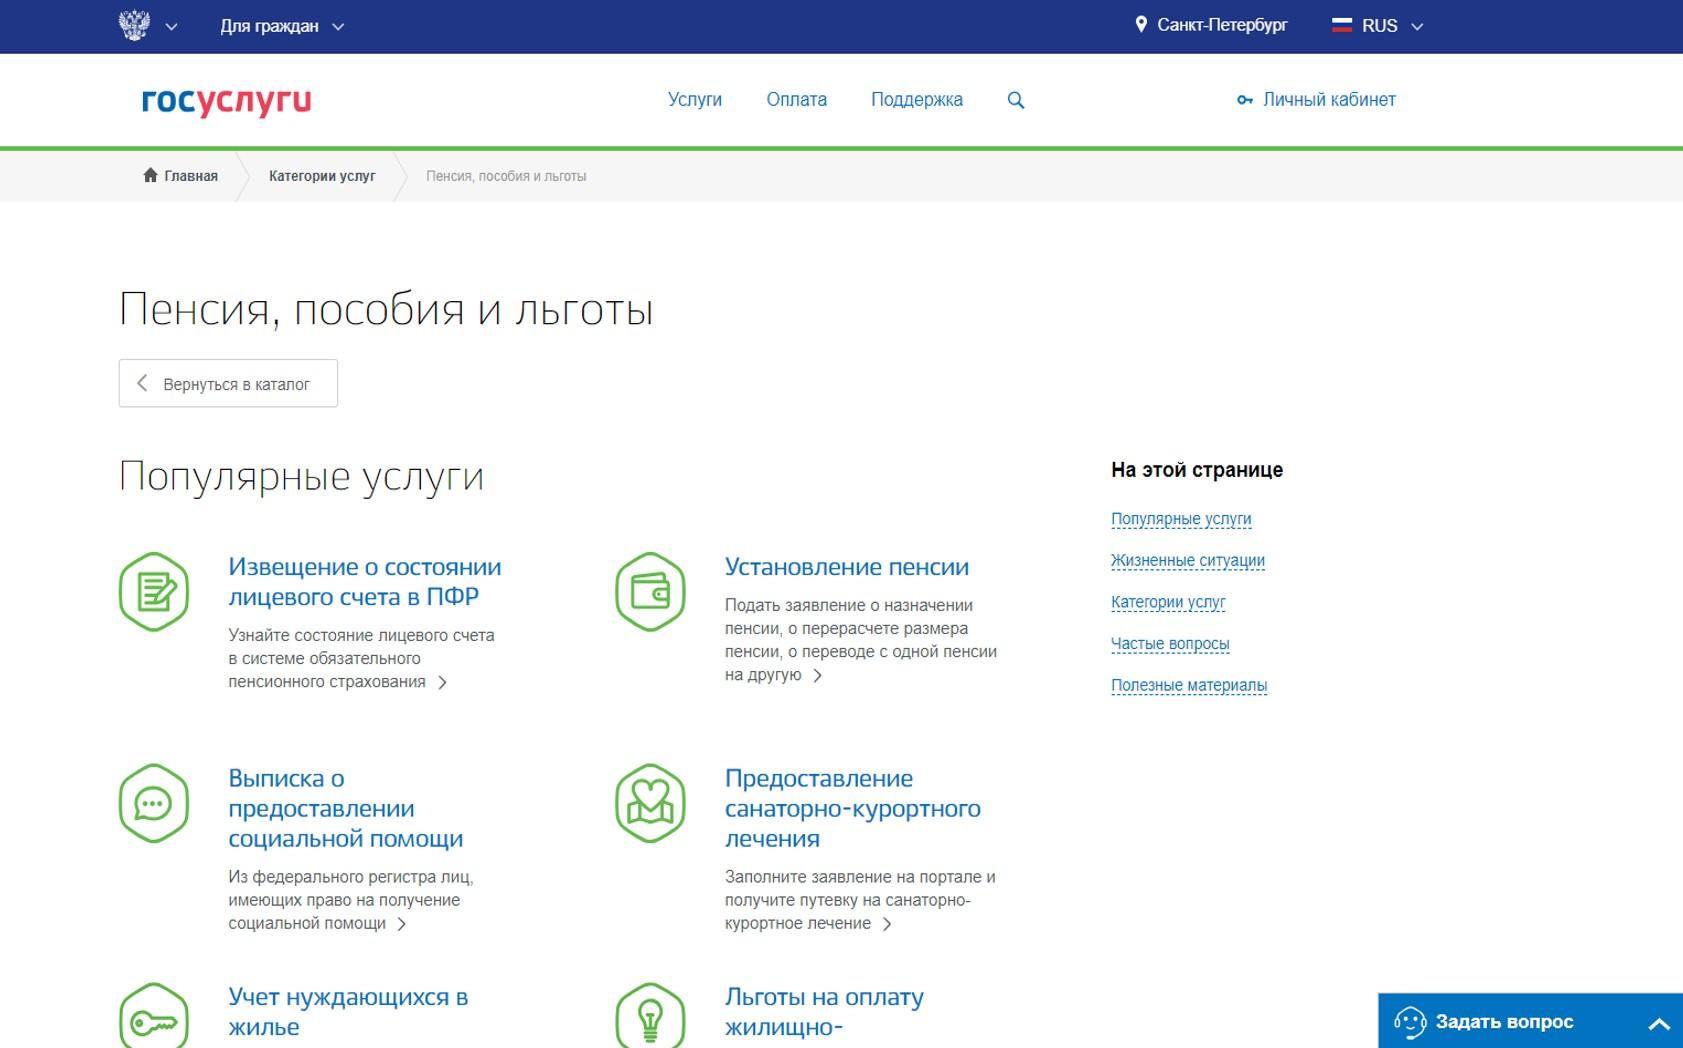 какие льготы полагаются https://grosh-blog.ru